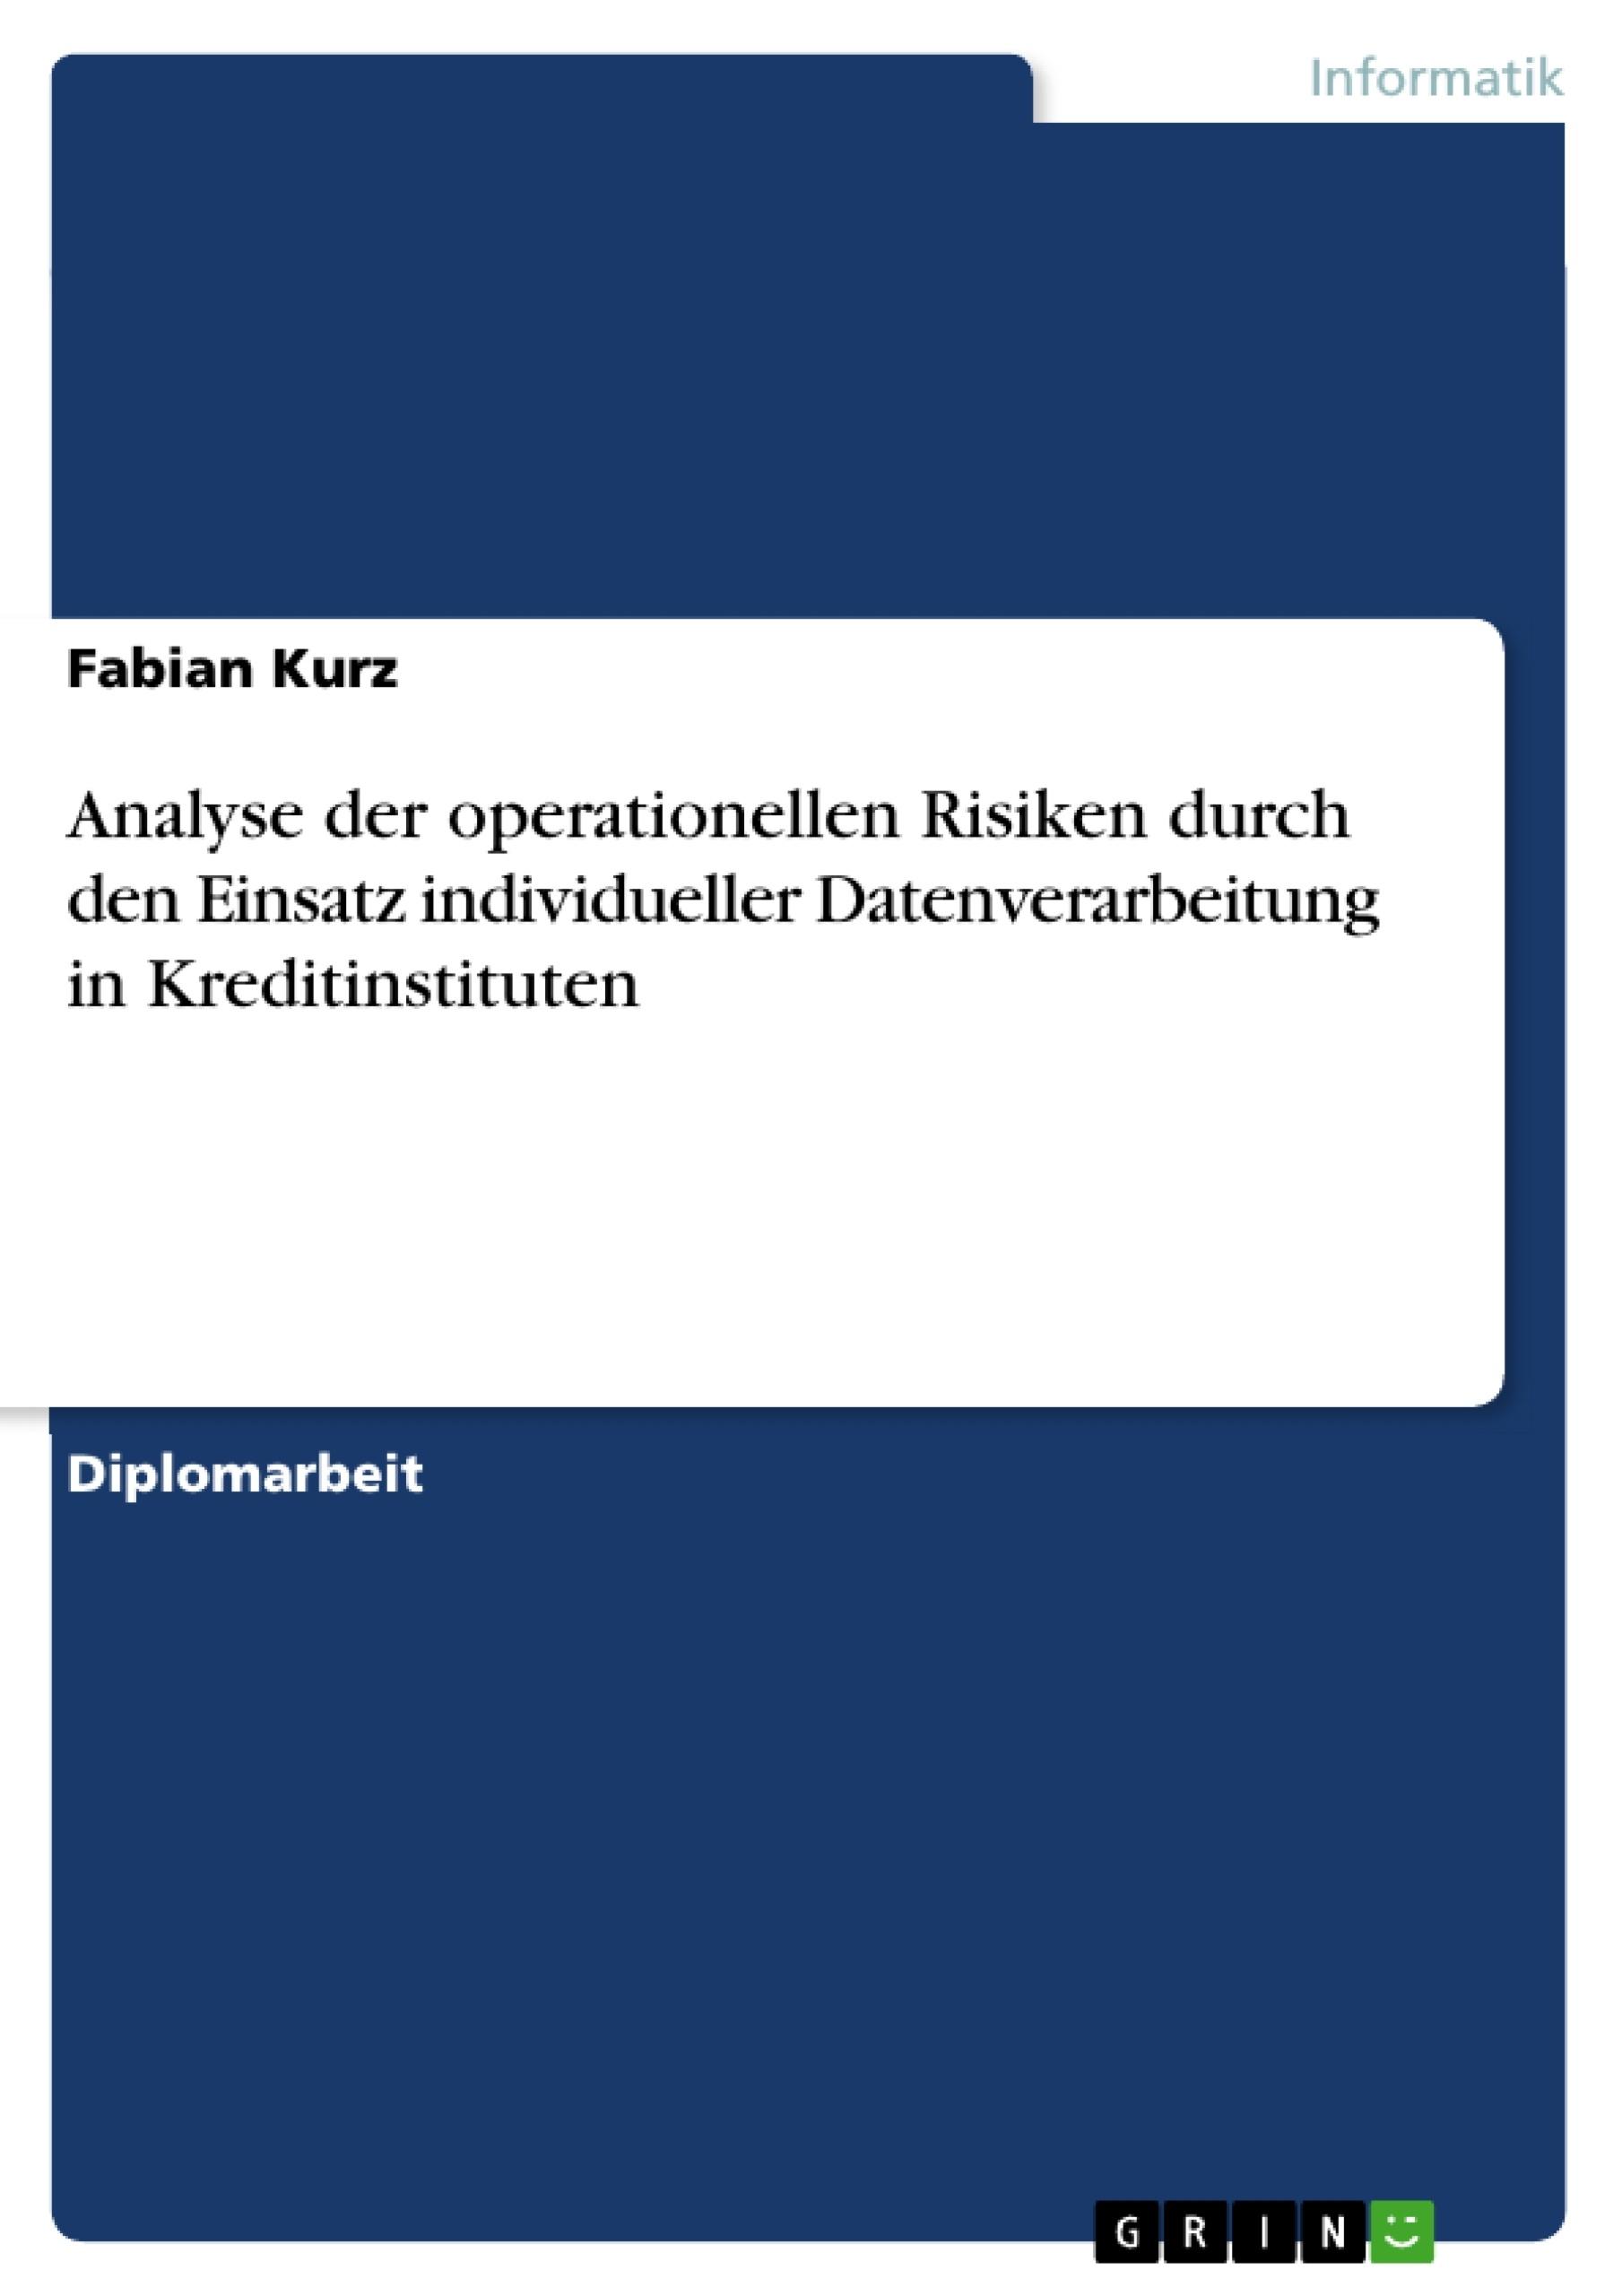 Titel: Analyse der operationellen Risiken durch den Einsatz individueller Datenverarbeitung in Kreditinstituten